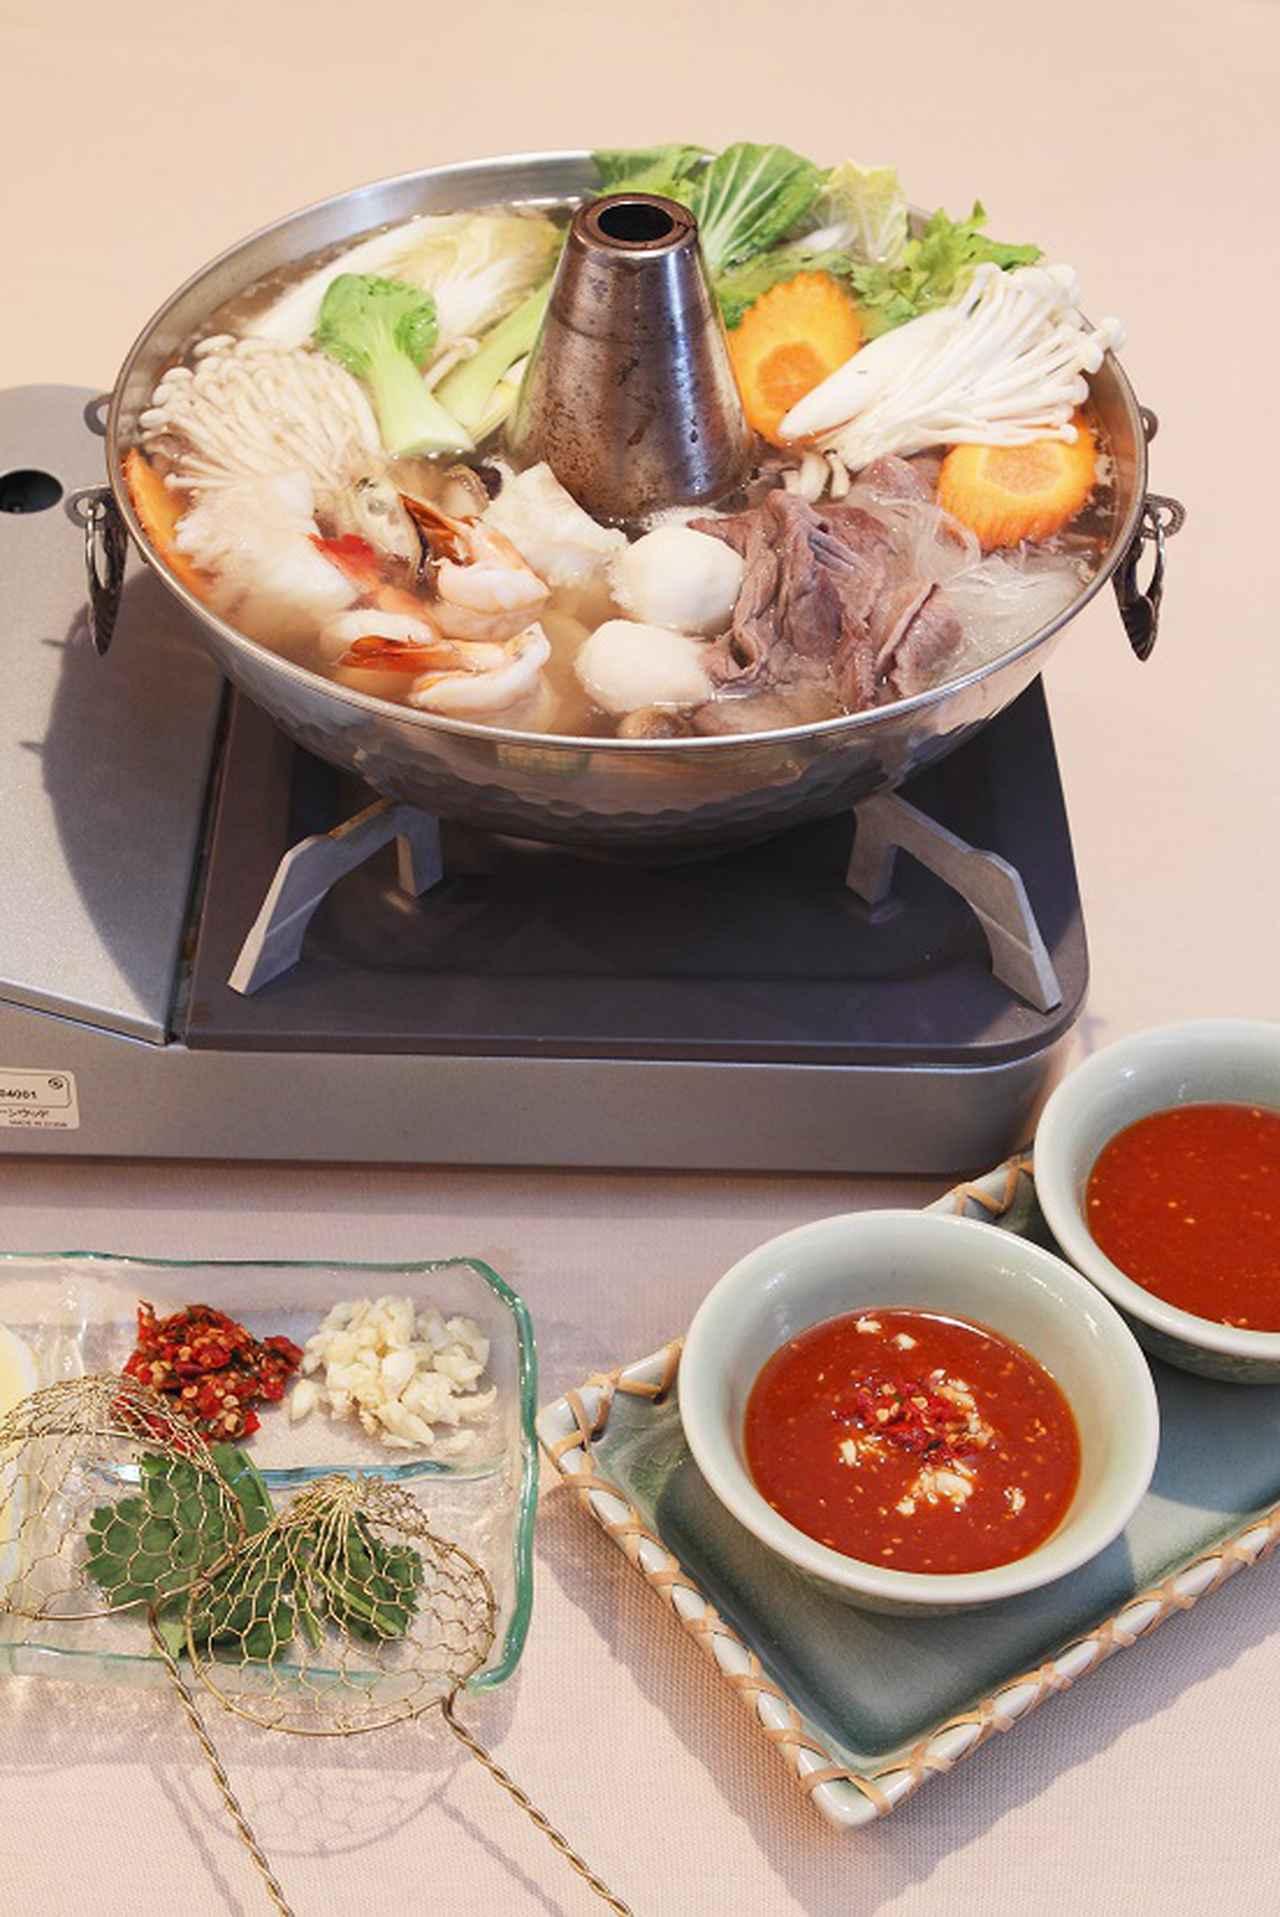 画像: タイスキ/イメージ(写真提供:タイ国政府観光庁)